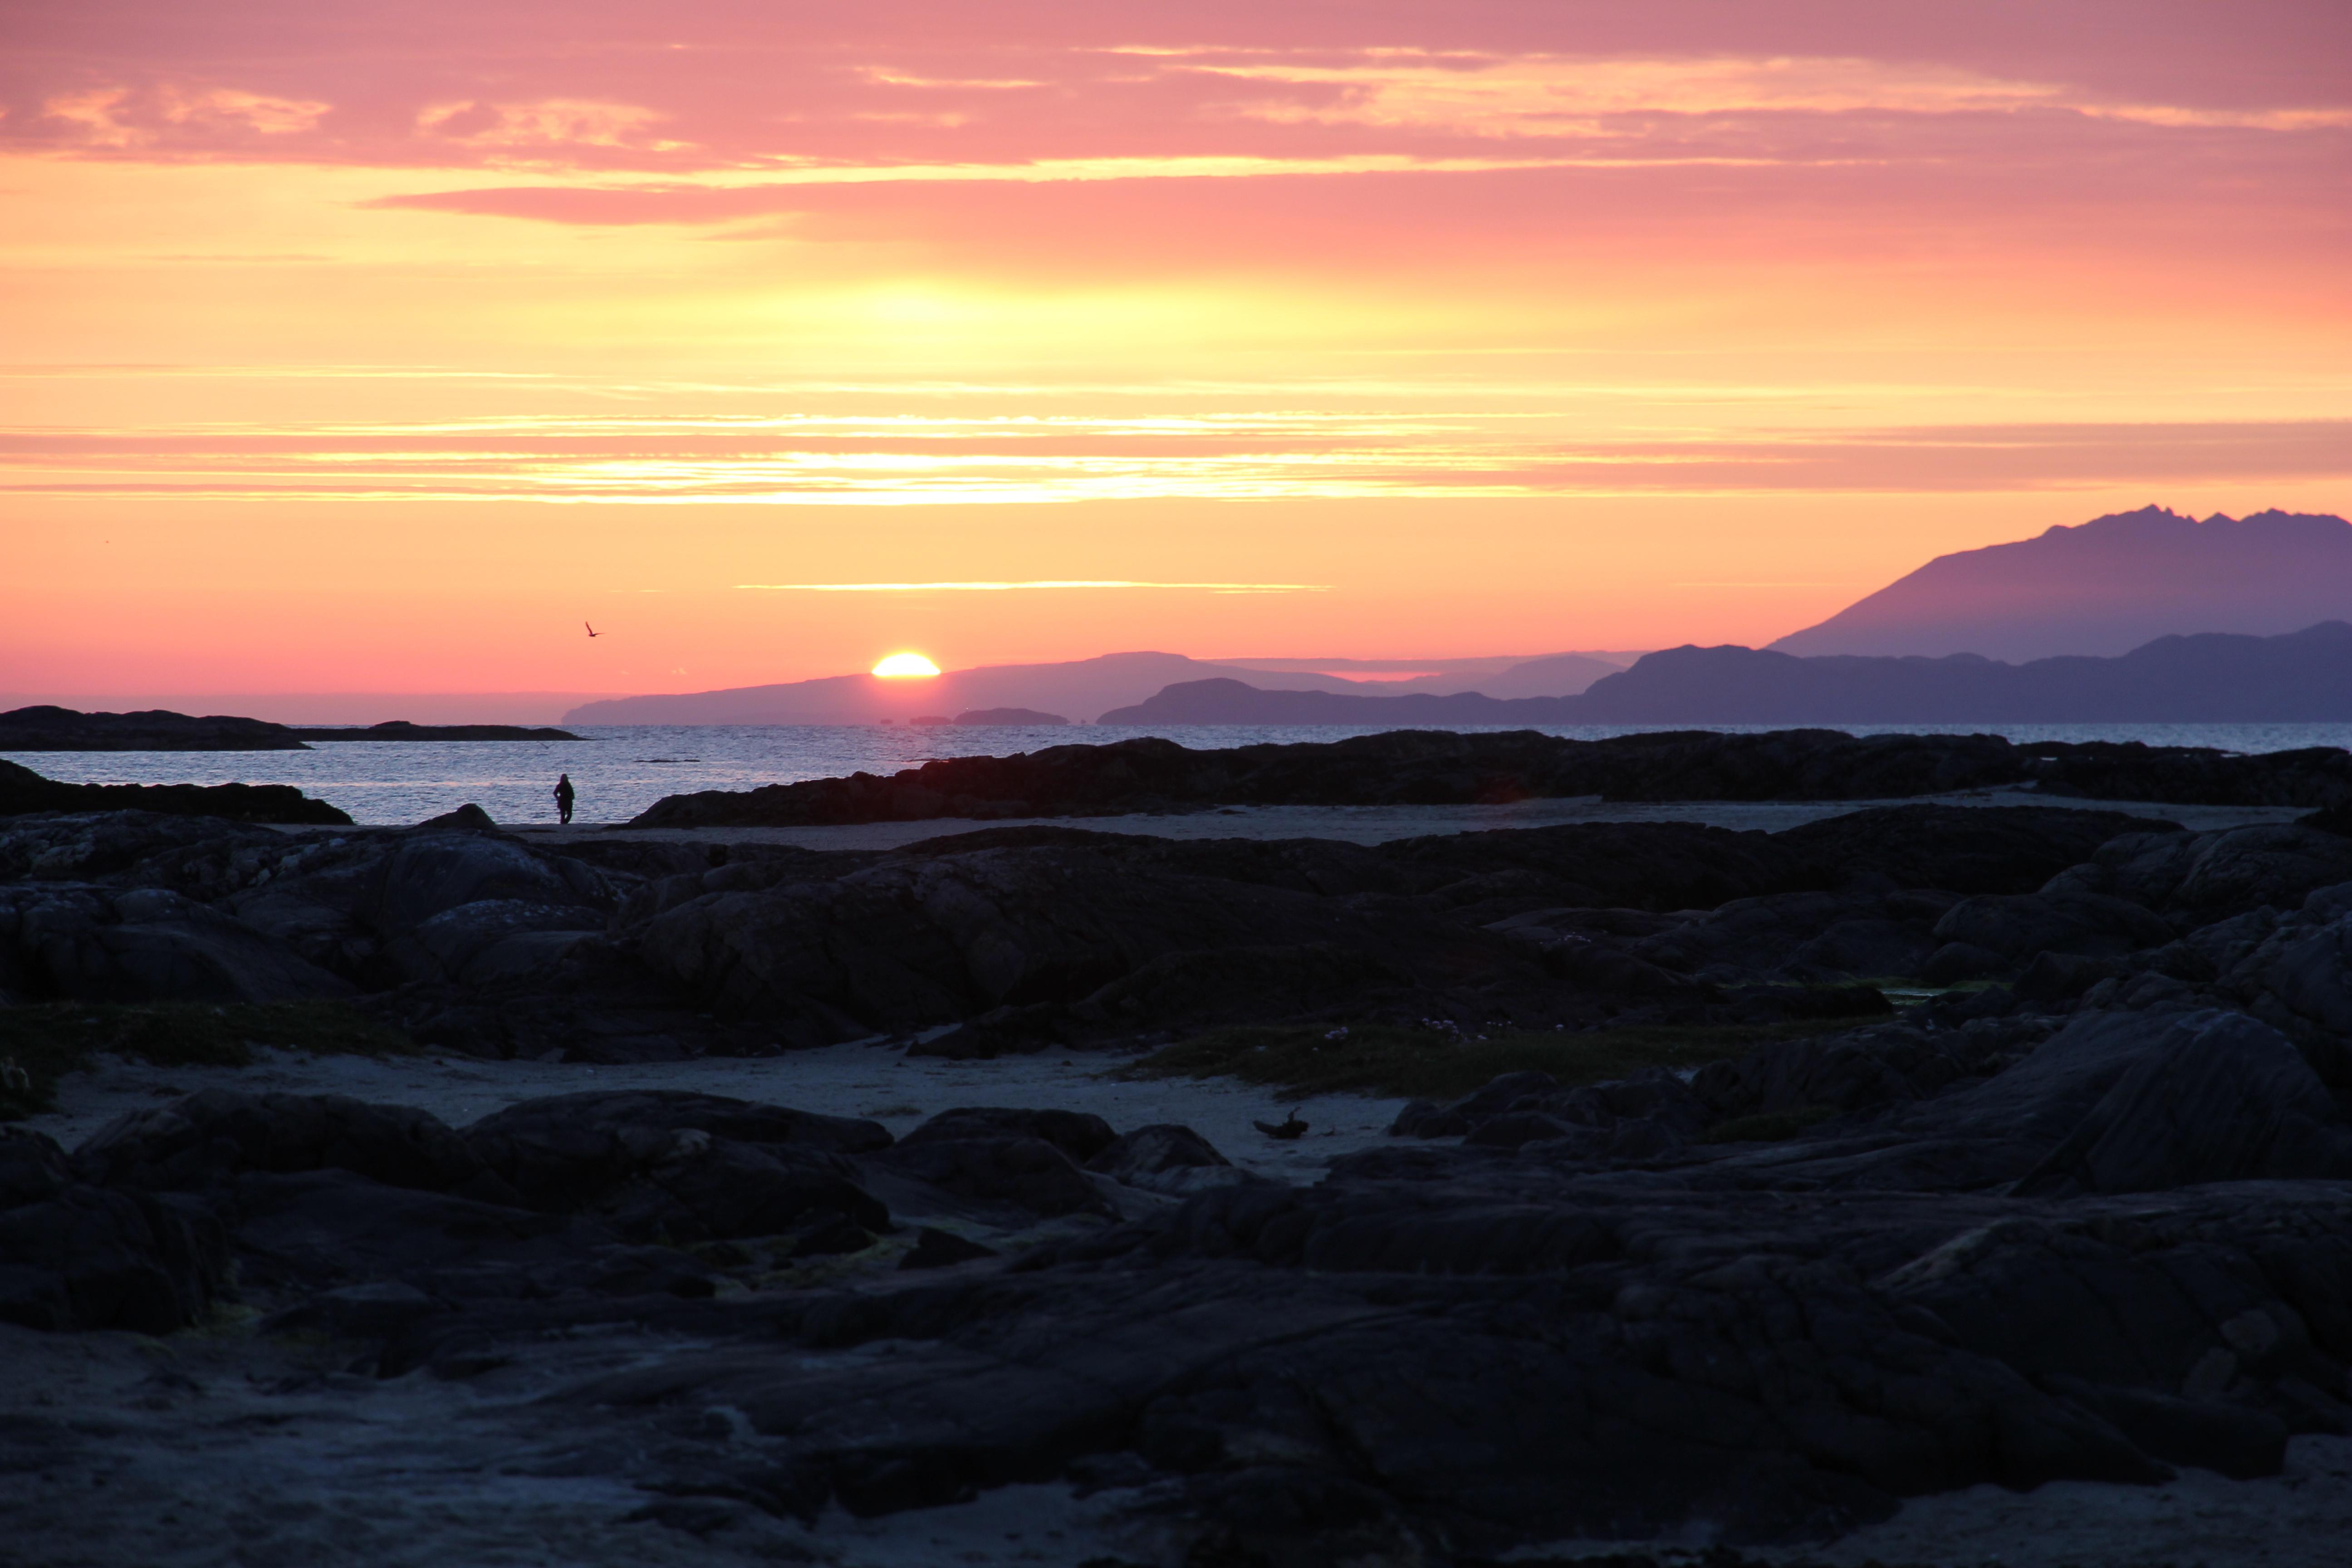 Reisebericht Schottland, UK Teil 2/3: Unser Roadtrip in Schottland durch Galloway und die Highlands Richtung Norden